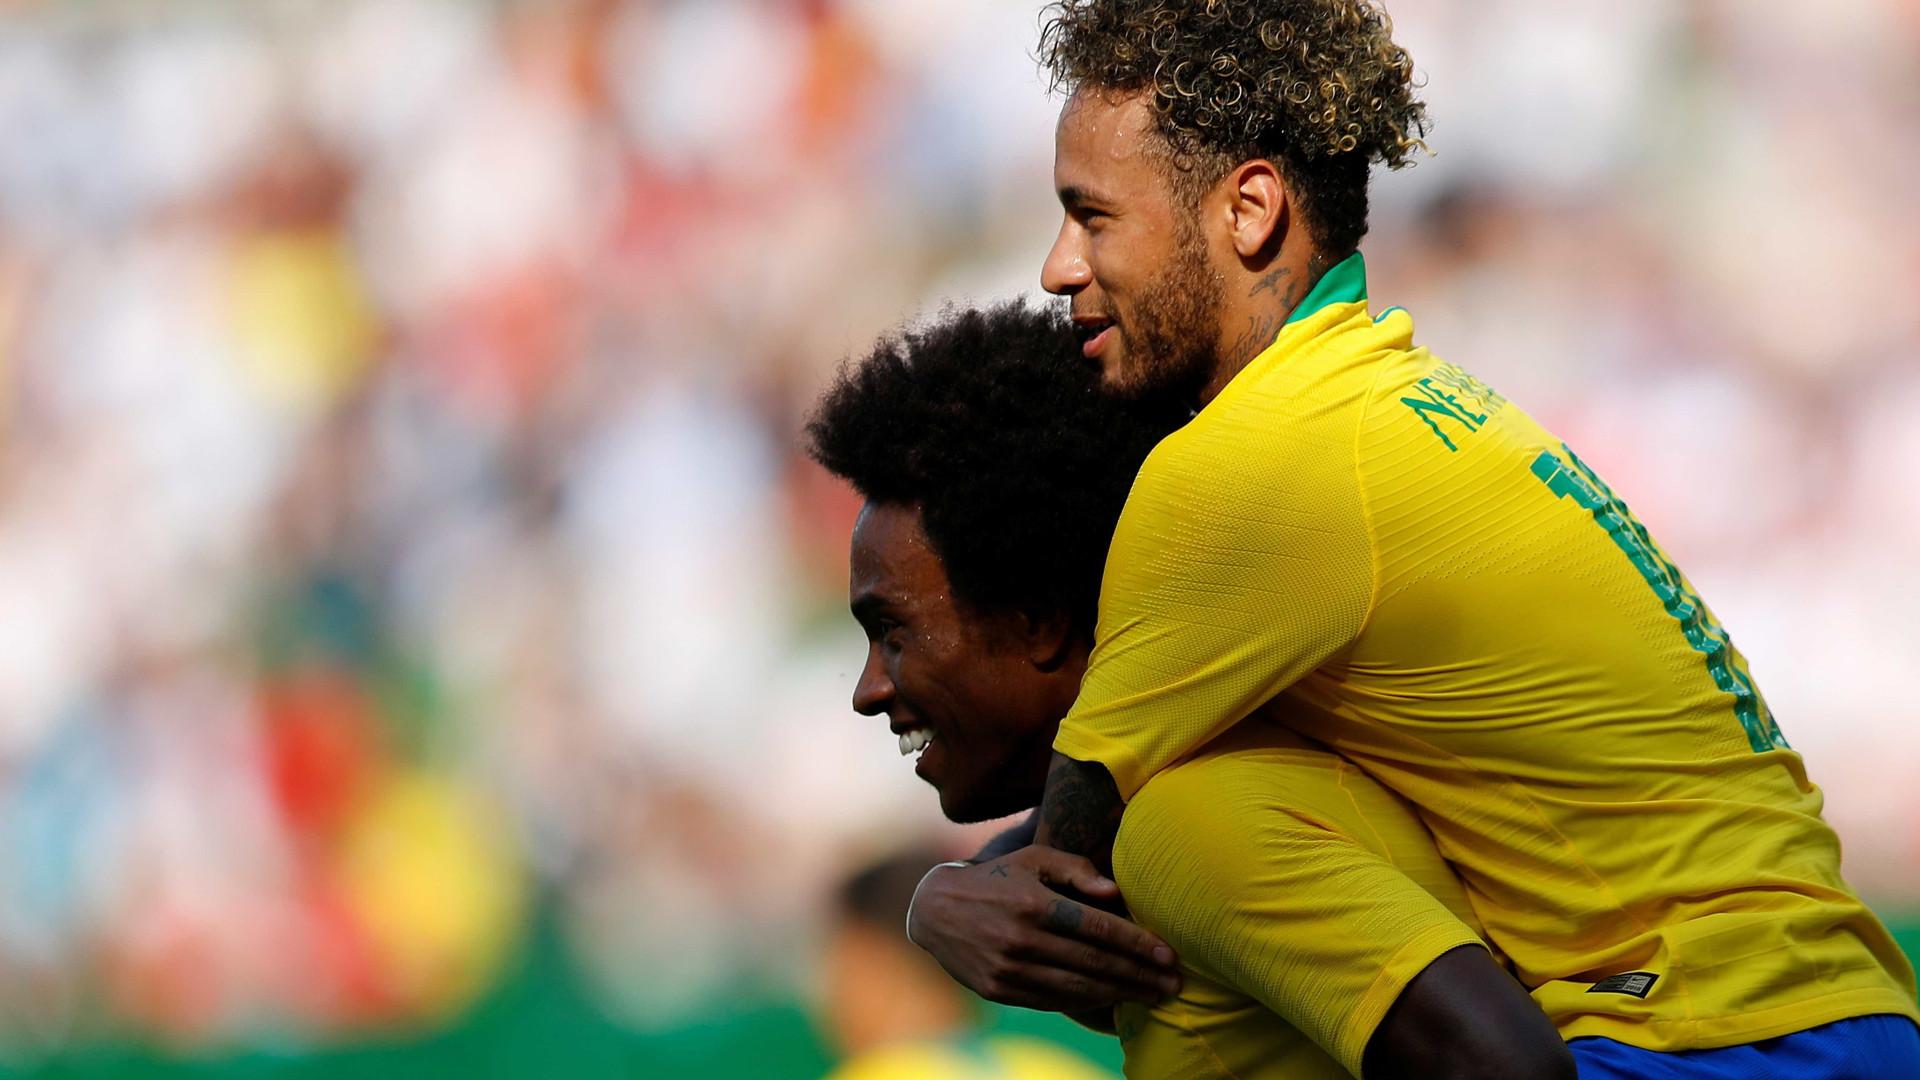 Seleção não joga no Brasil, mas ainda rende R$ 66 mi a clubes do país